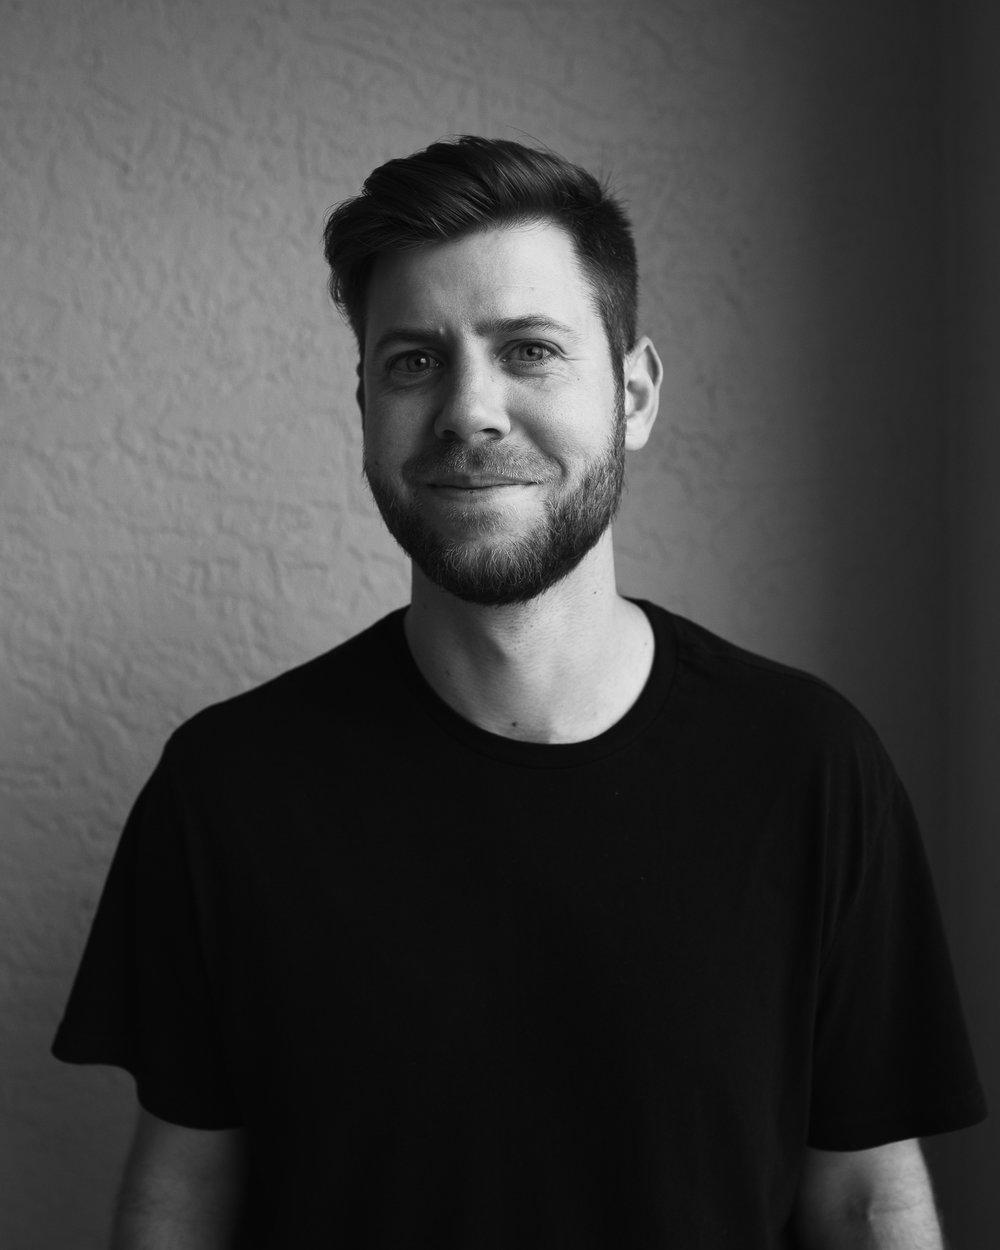 W T S - Tanner Olson is a writer, speaker, poet, spoken-word artist, & creator of Written to Speak. He created Written to Speak to share hope & announce love. Instagram  SpotifyiTunes  Podcast